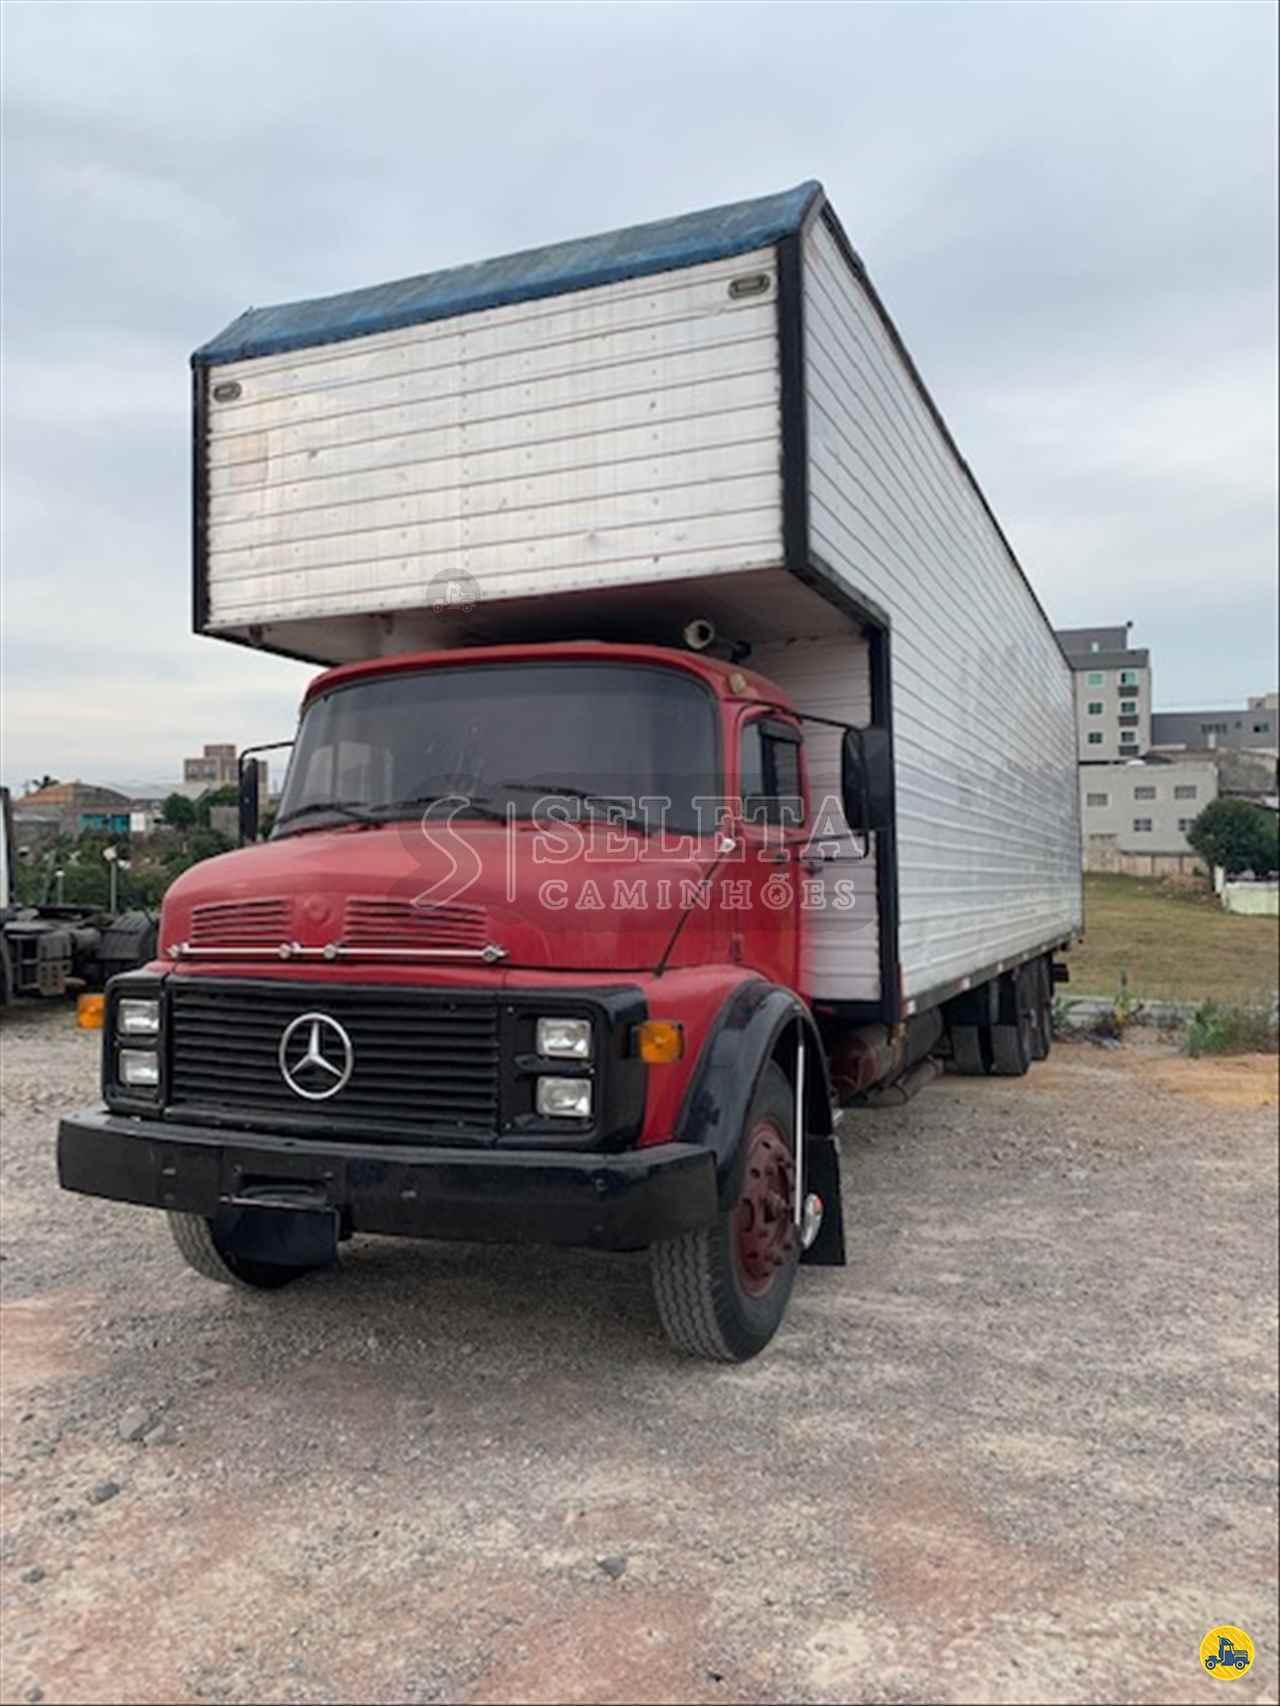 CAMINHAO MERCEDES-BENZ MB 1113 Baú Furgão Truck 6x2 Seleta Caminhões CAMPO LARGO PARANÁ PR